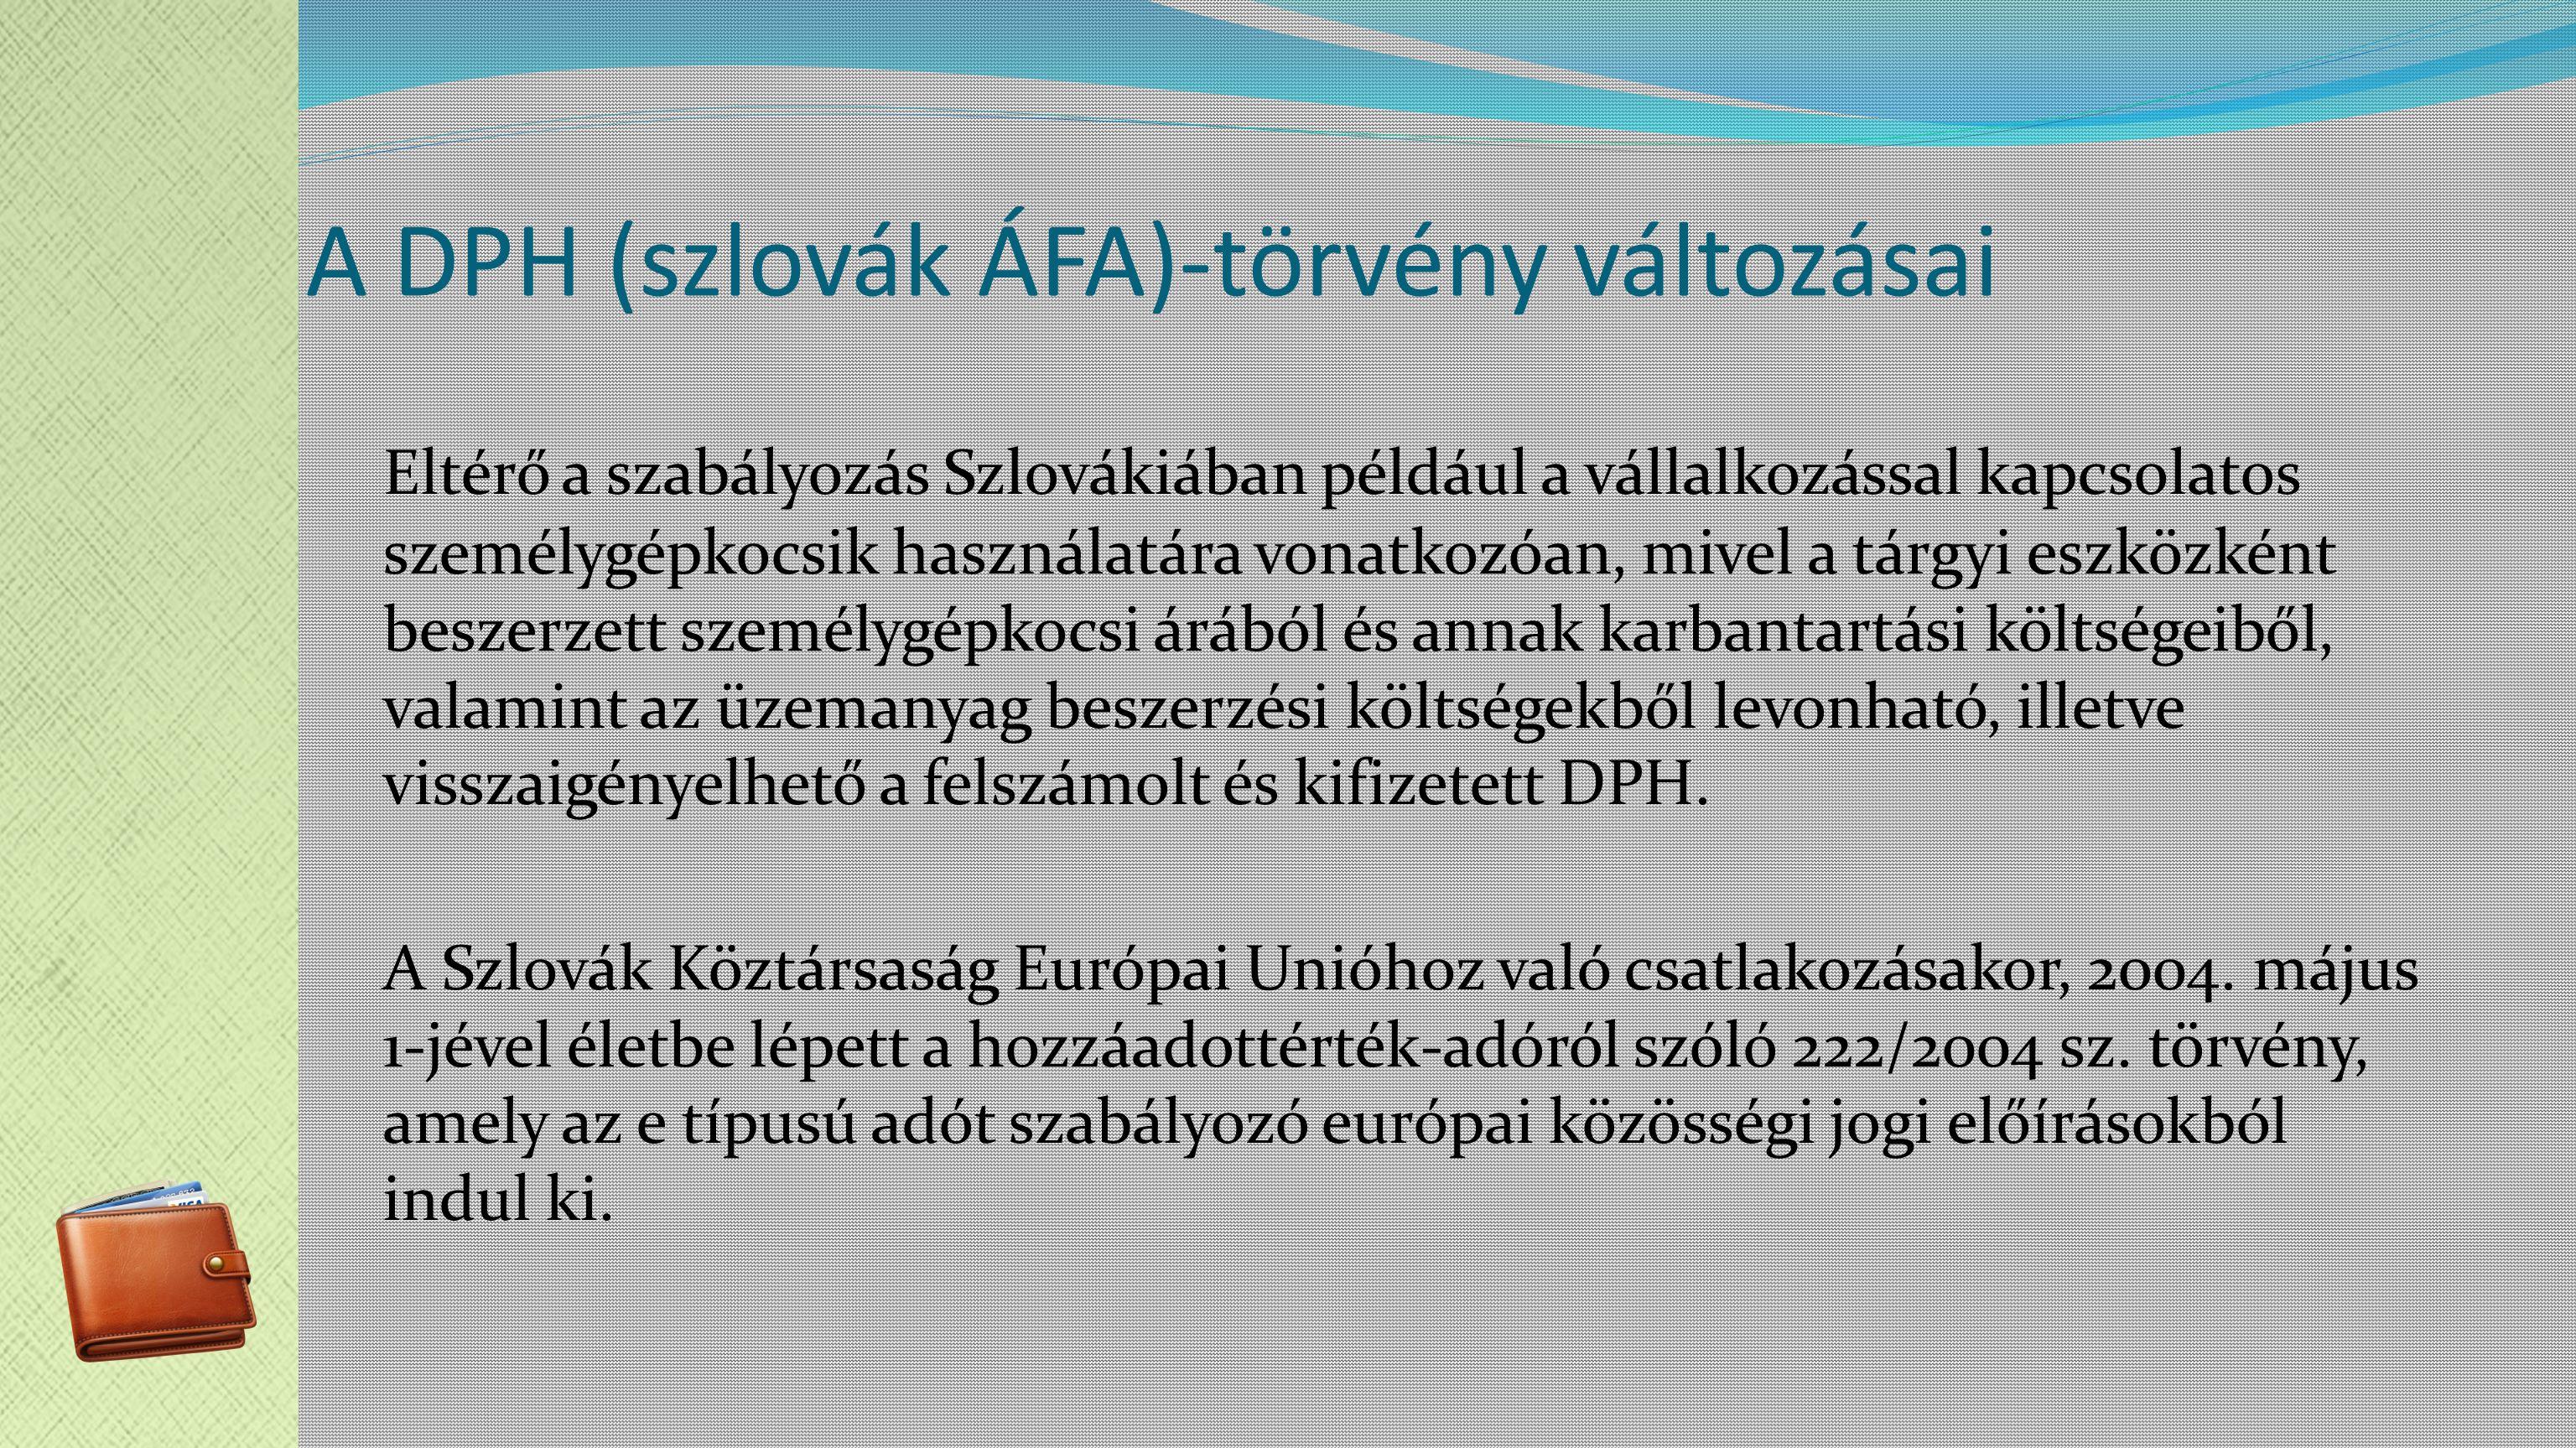 A DPH (szlovák ÁFA)-törvény változásai Eltérő a szabályozás Szlovákiában például a vállalkozással kapcsolatos személygépkocsik használatára vonatkozóan, mivel a tárgyi eszközként beszerzett személygépkocsi árából és annak karbantartási költségeiből, valamint az üzemanyag beszerzési költségekből levonható, illetve visszaigényelhető a felszámolt és kifizetett DPH.